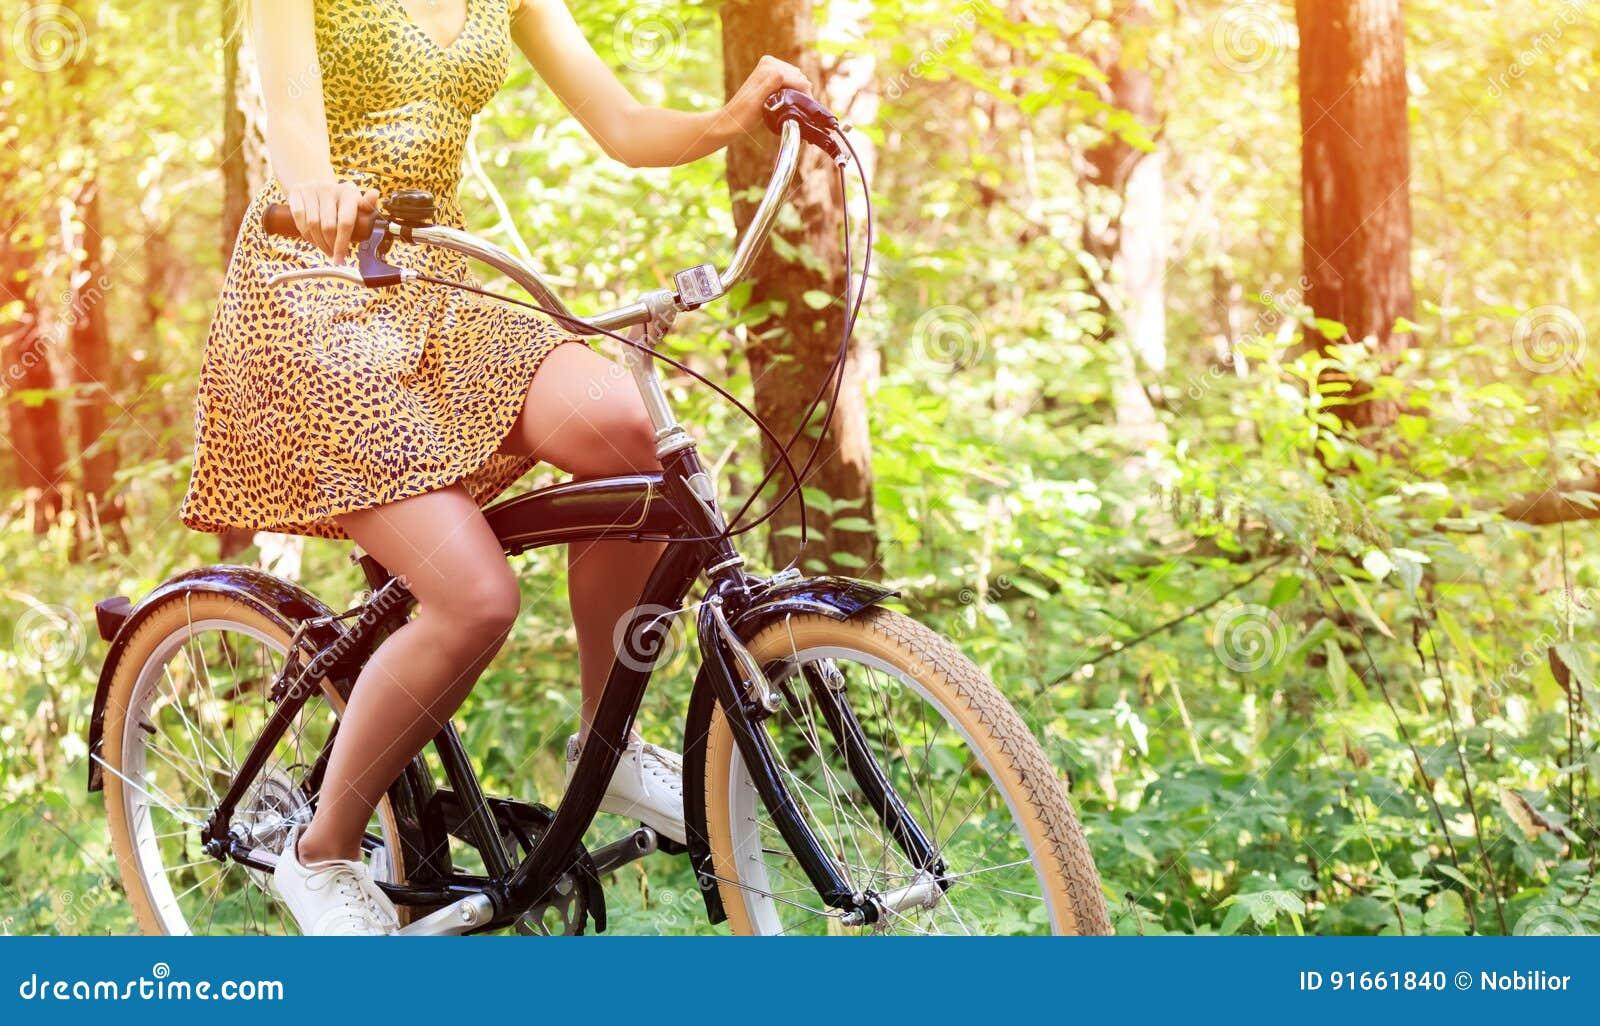 Kobieta rowerzysta